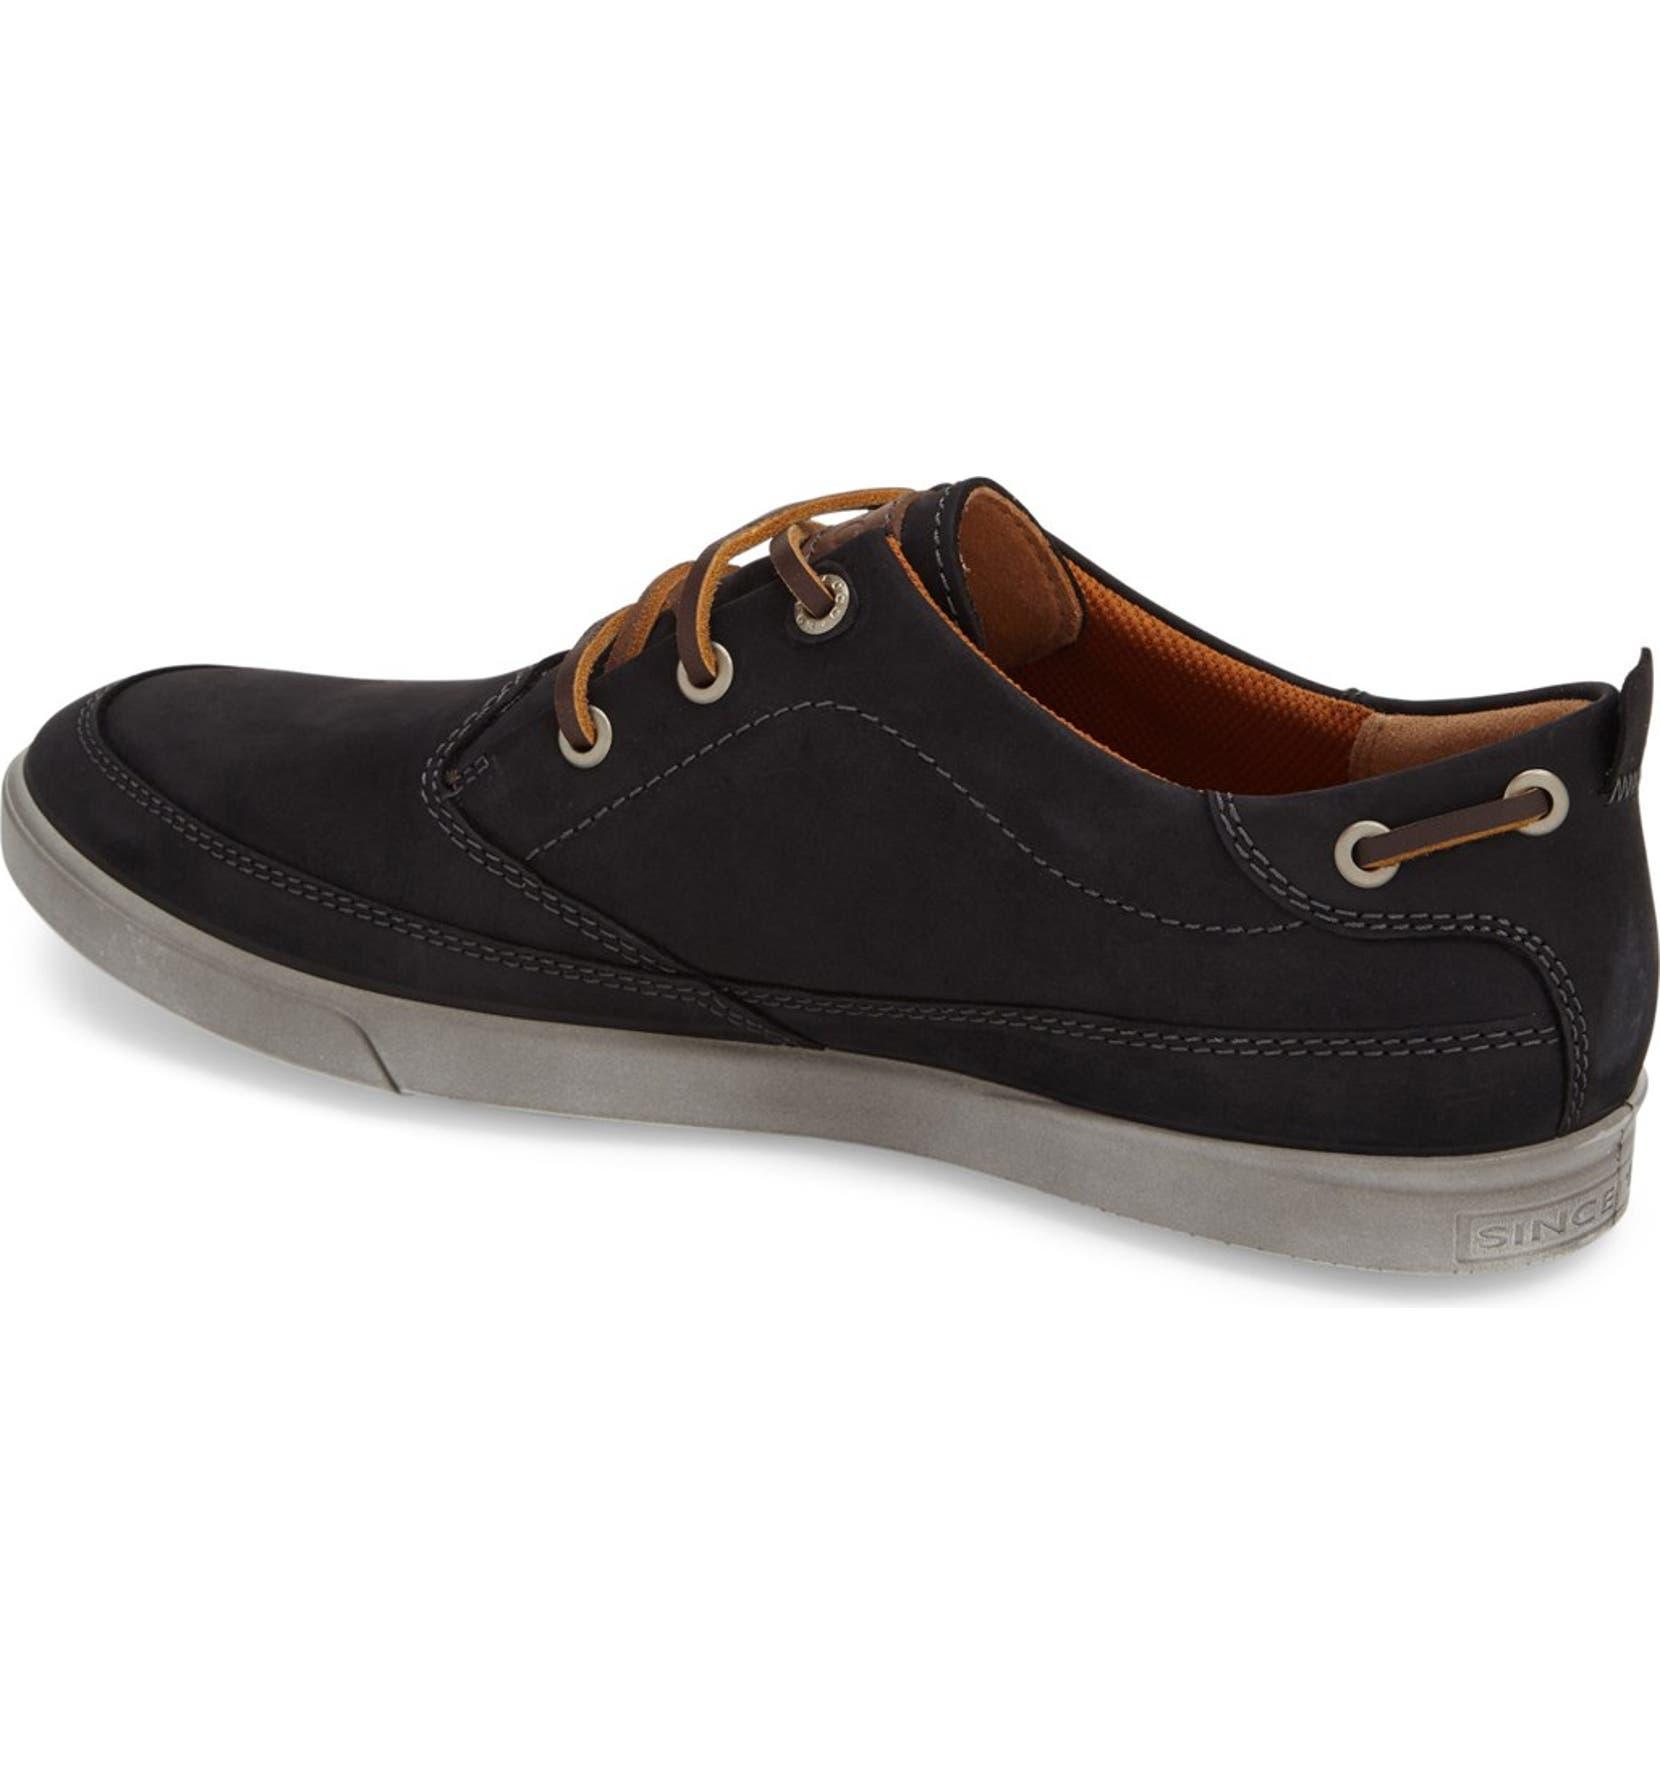 f58361ba28f4d6 ECCO 'Collin' Boat Shoe (Men)   Nordstrom